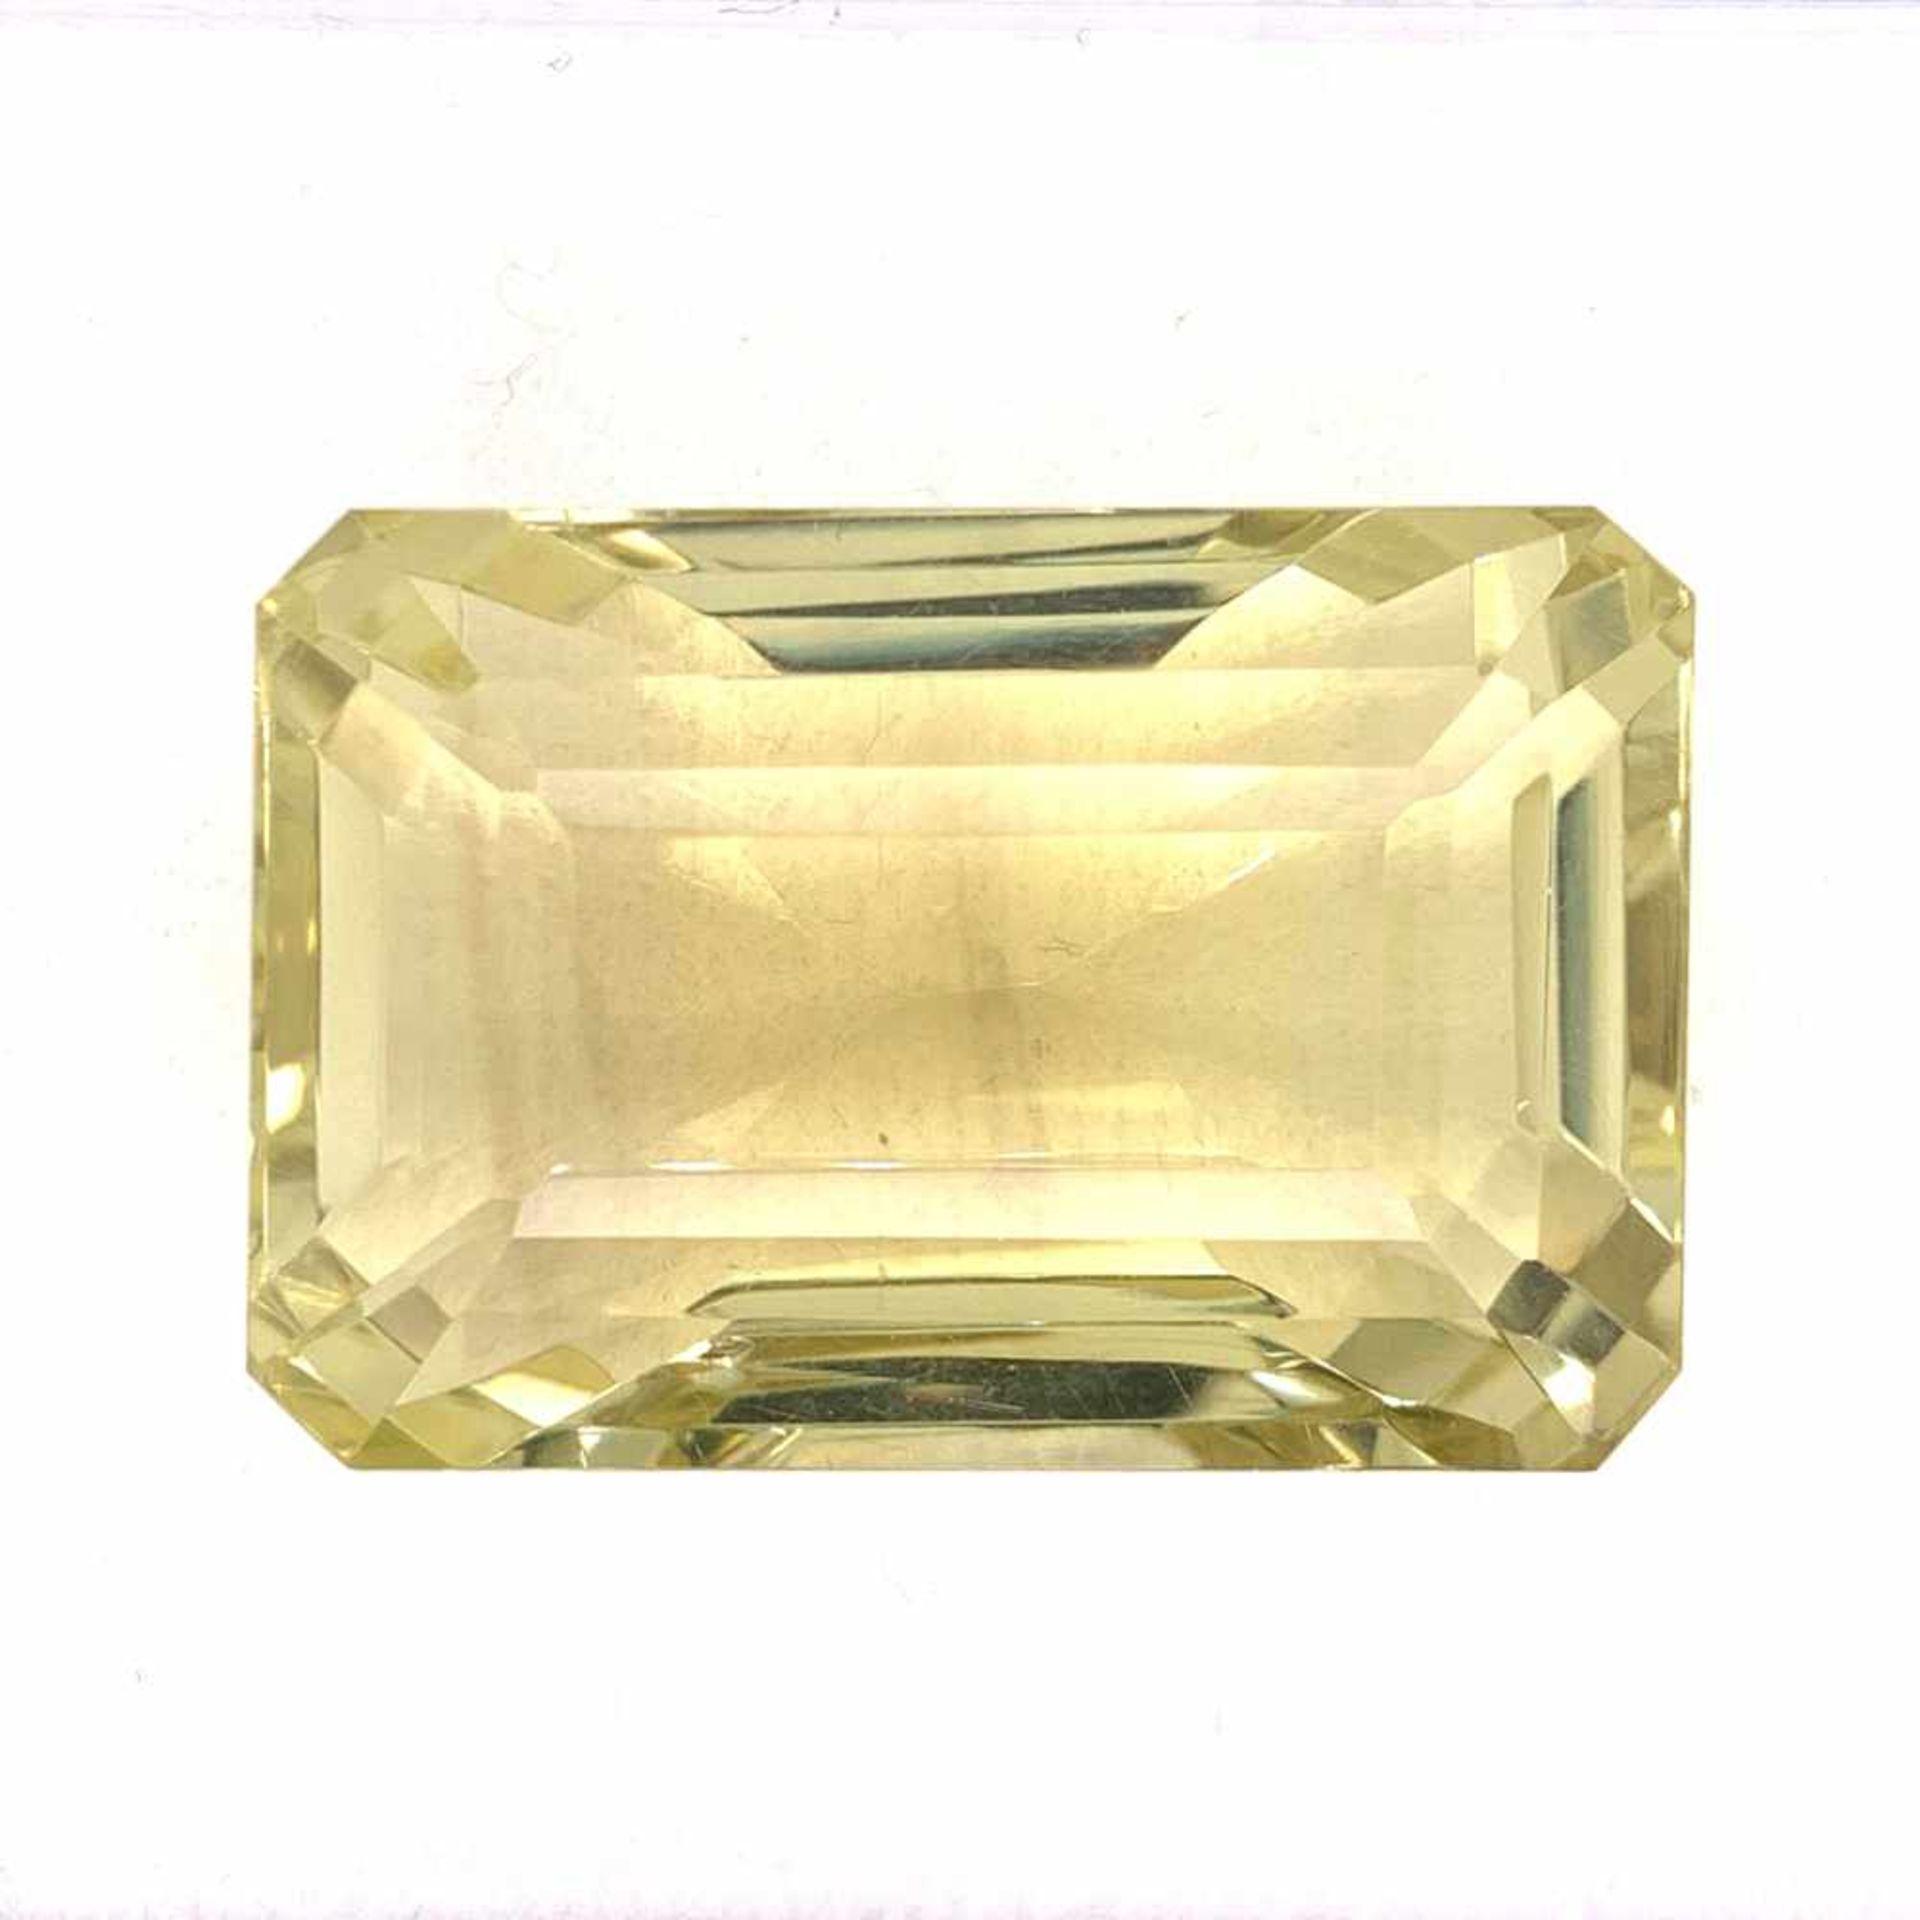 GoldberyllGoldberyll 194,10 ct Emerald cut 37,00 x 24,80 h 24,00